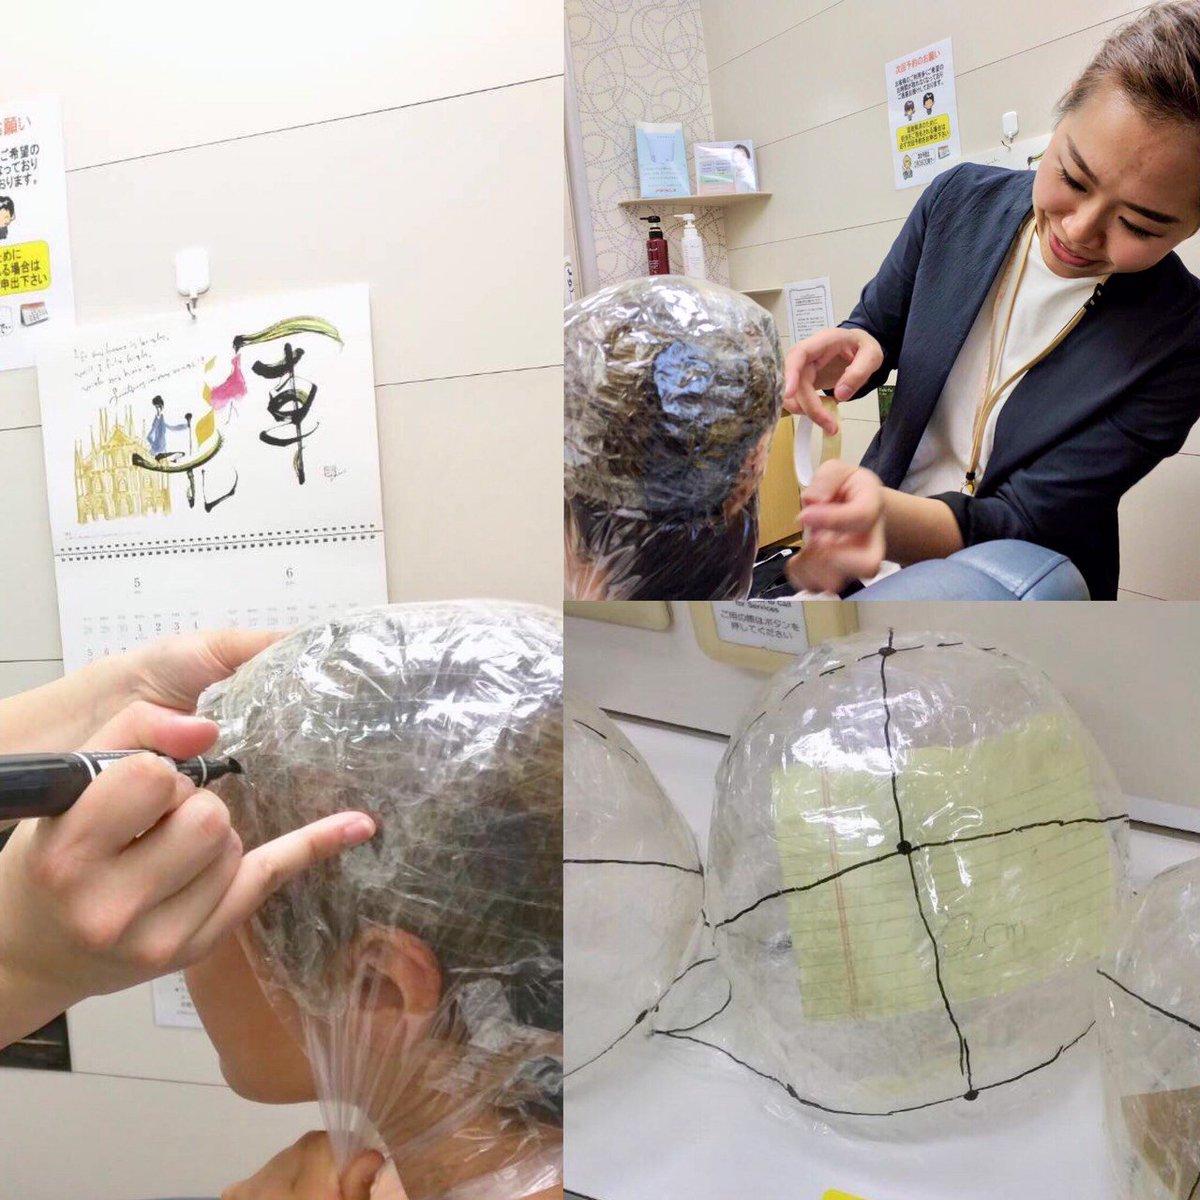 【活動報告】 5月3日、熊本県で8~19歳(脱毛症、乏毛症)の女性3名に、ウィッグを作る為の頭の型取り「メジャーメント」を行いました。この後、ヘアドネーションによってお寄せ頂いた毛髪を使用した、JIS規格の医療ウィッグの製作が始まります?いつもご協力頂いている皆さまに、感謝申し上げます!